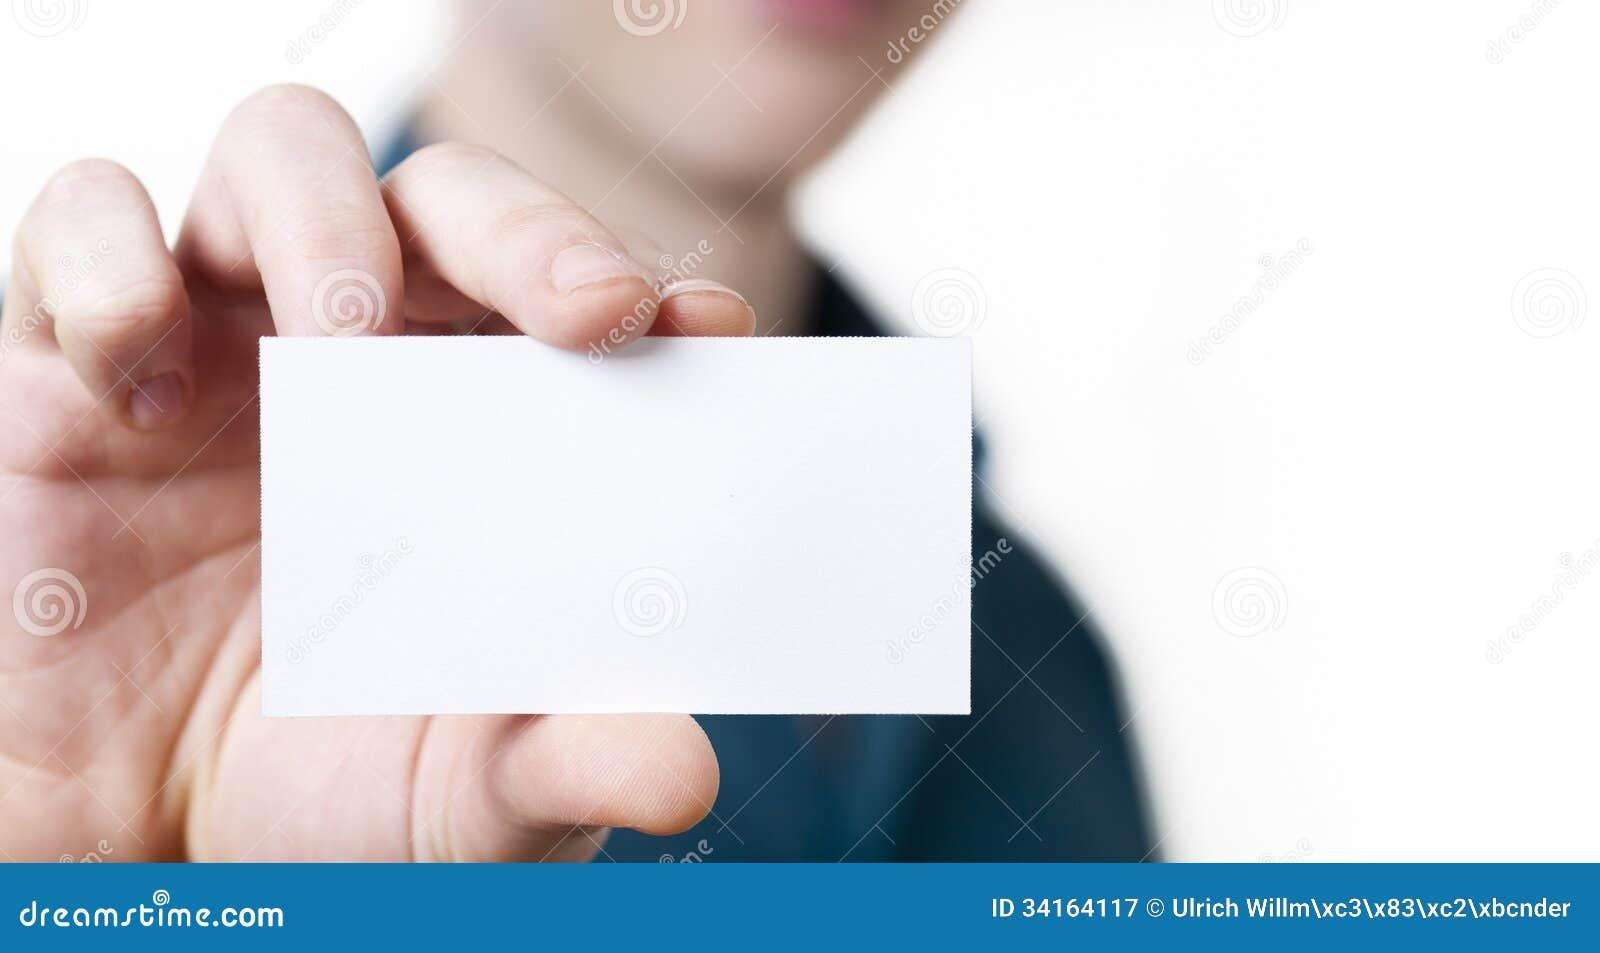 Περιστασιακή νέα επαγγελματική κάρτα εκμετάλλευσης επιχειρηματιών.